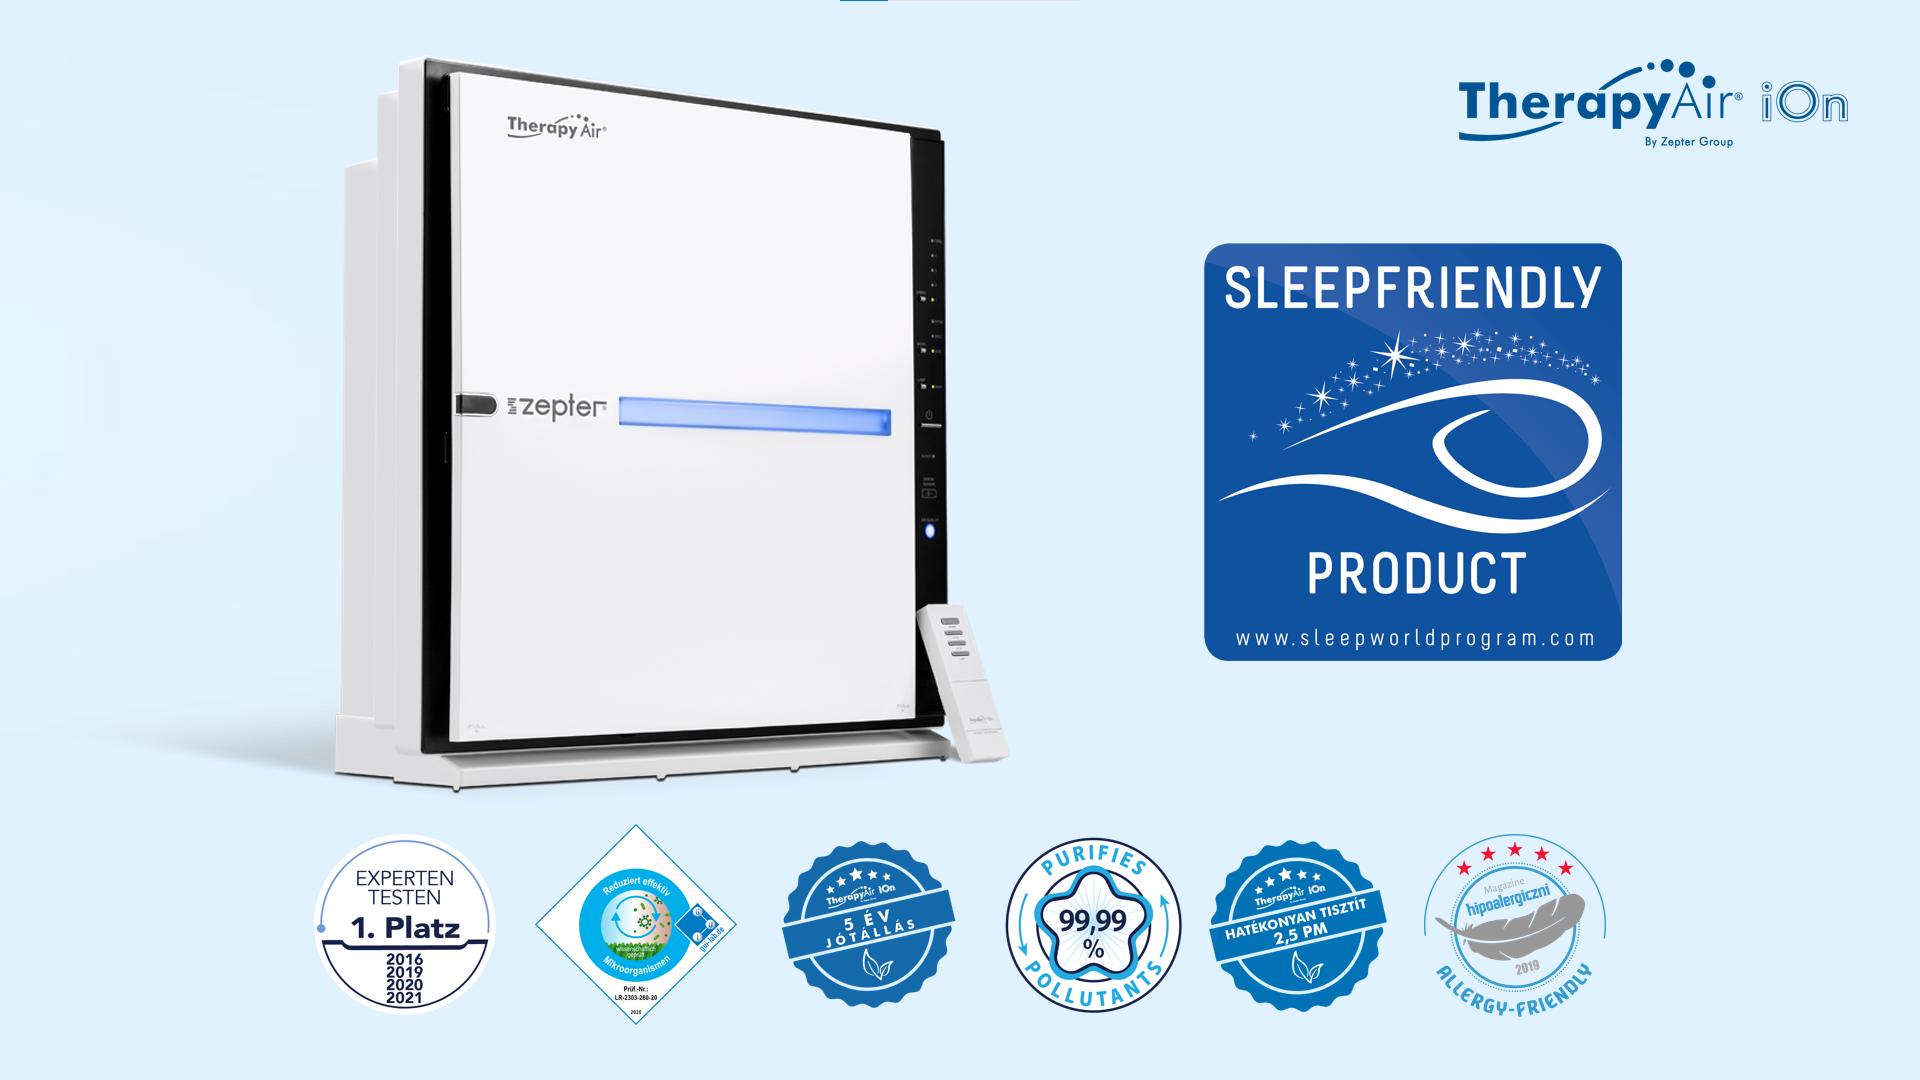 A Therapy Air iOn alvásbarát termék